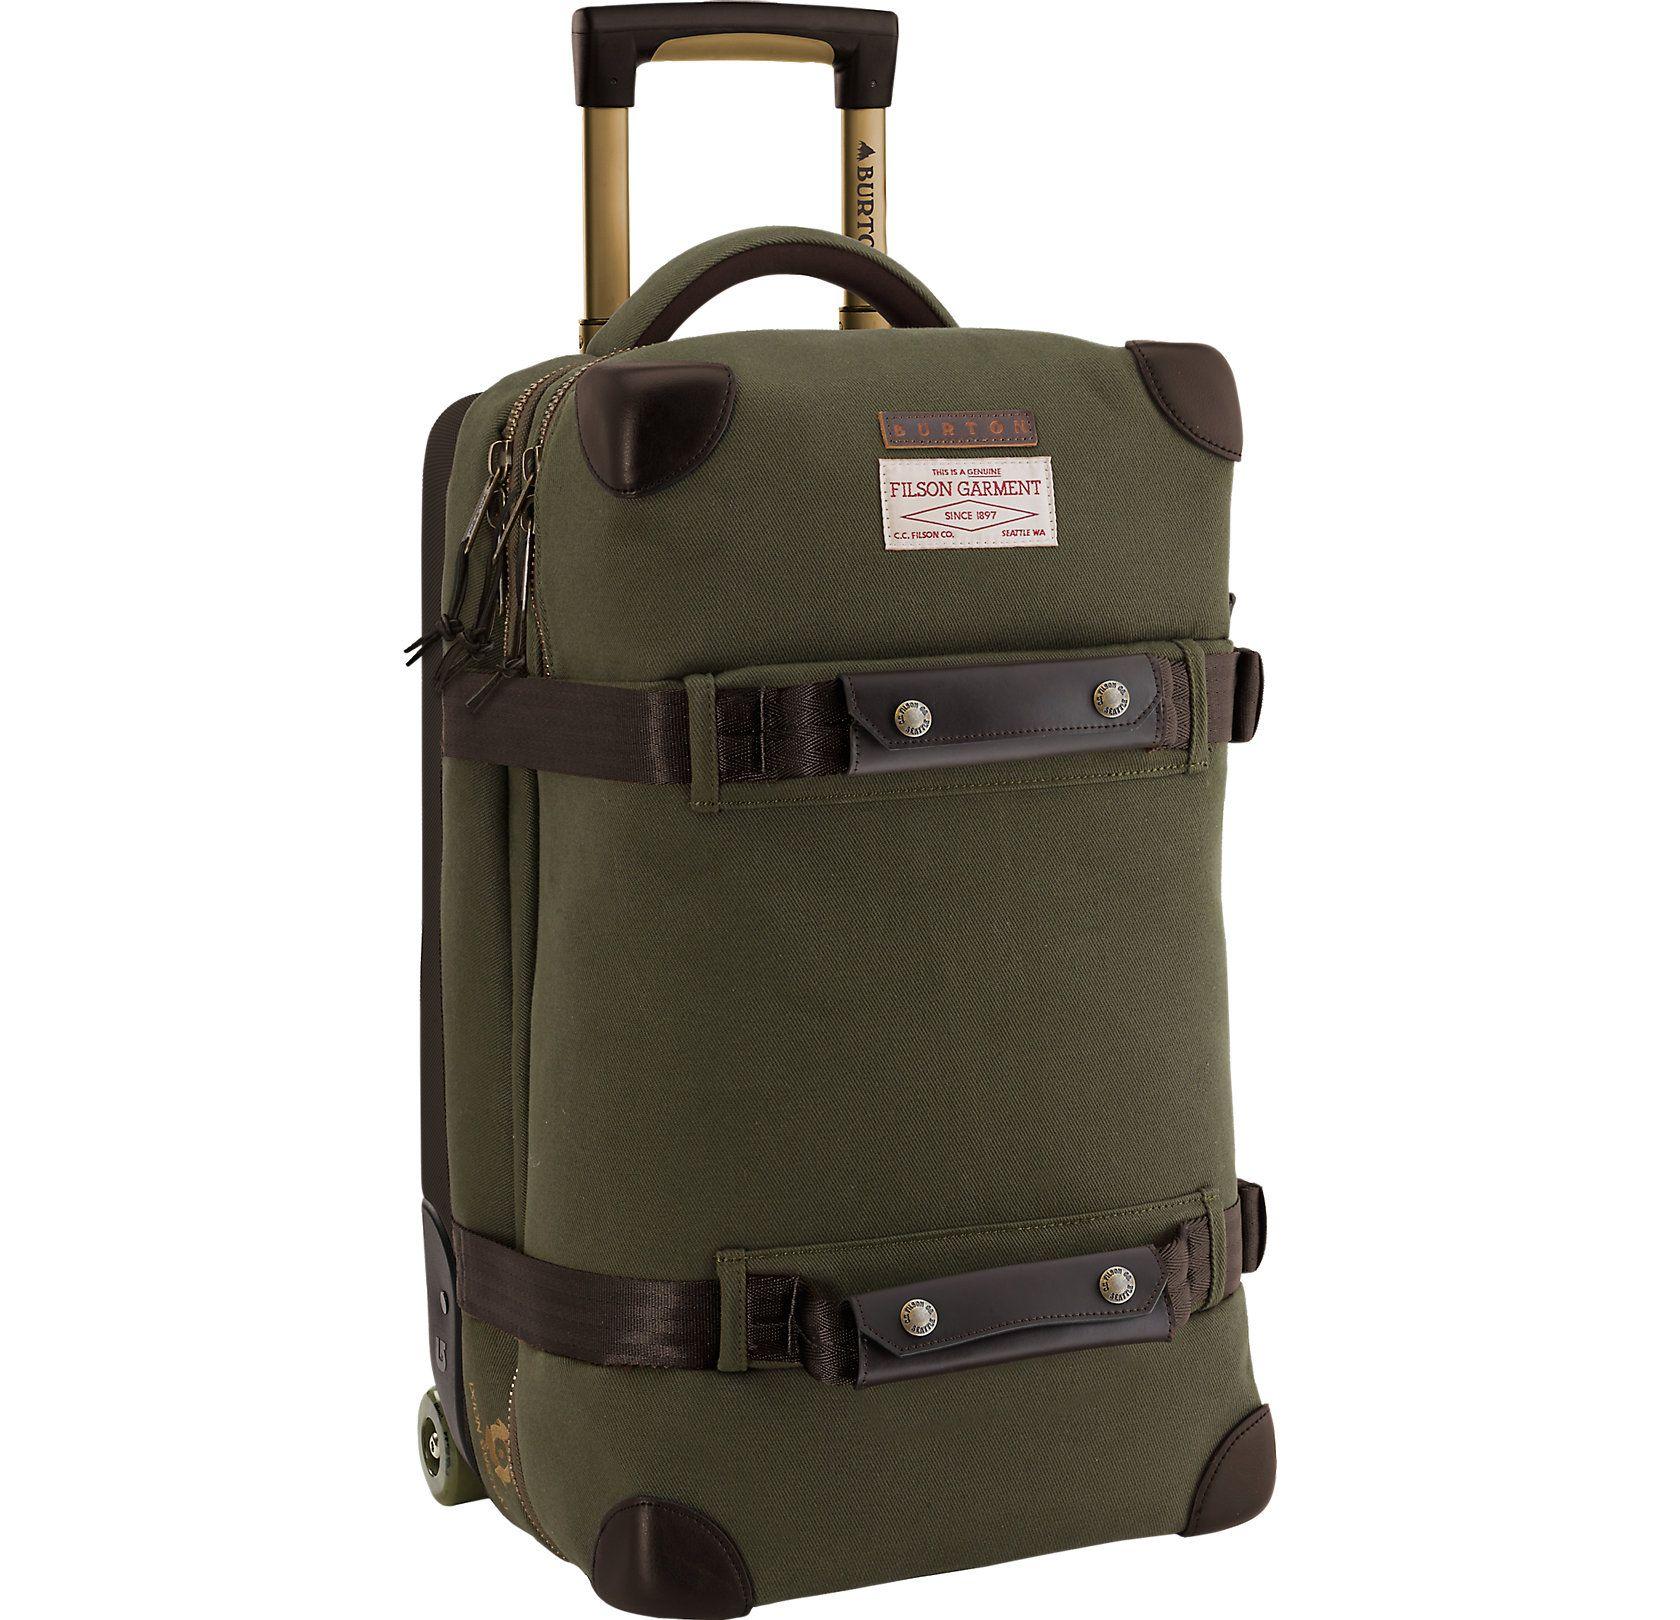 Filson® x Burton Wheelie Flight Deck Travel Bag | Burton Snowboards